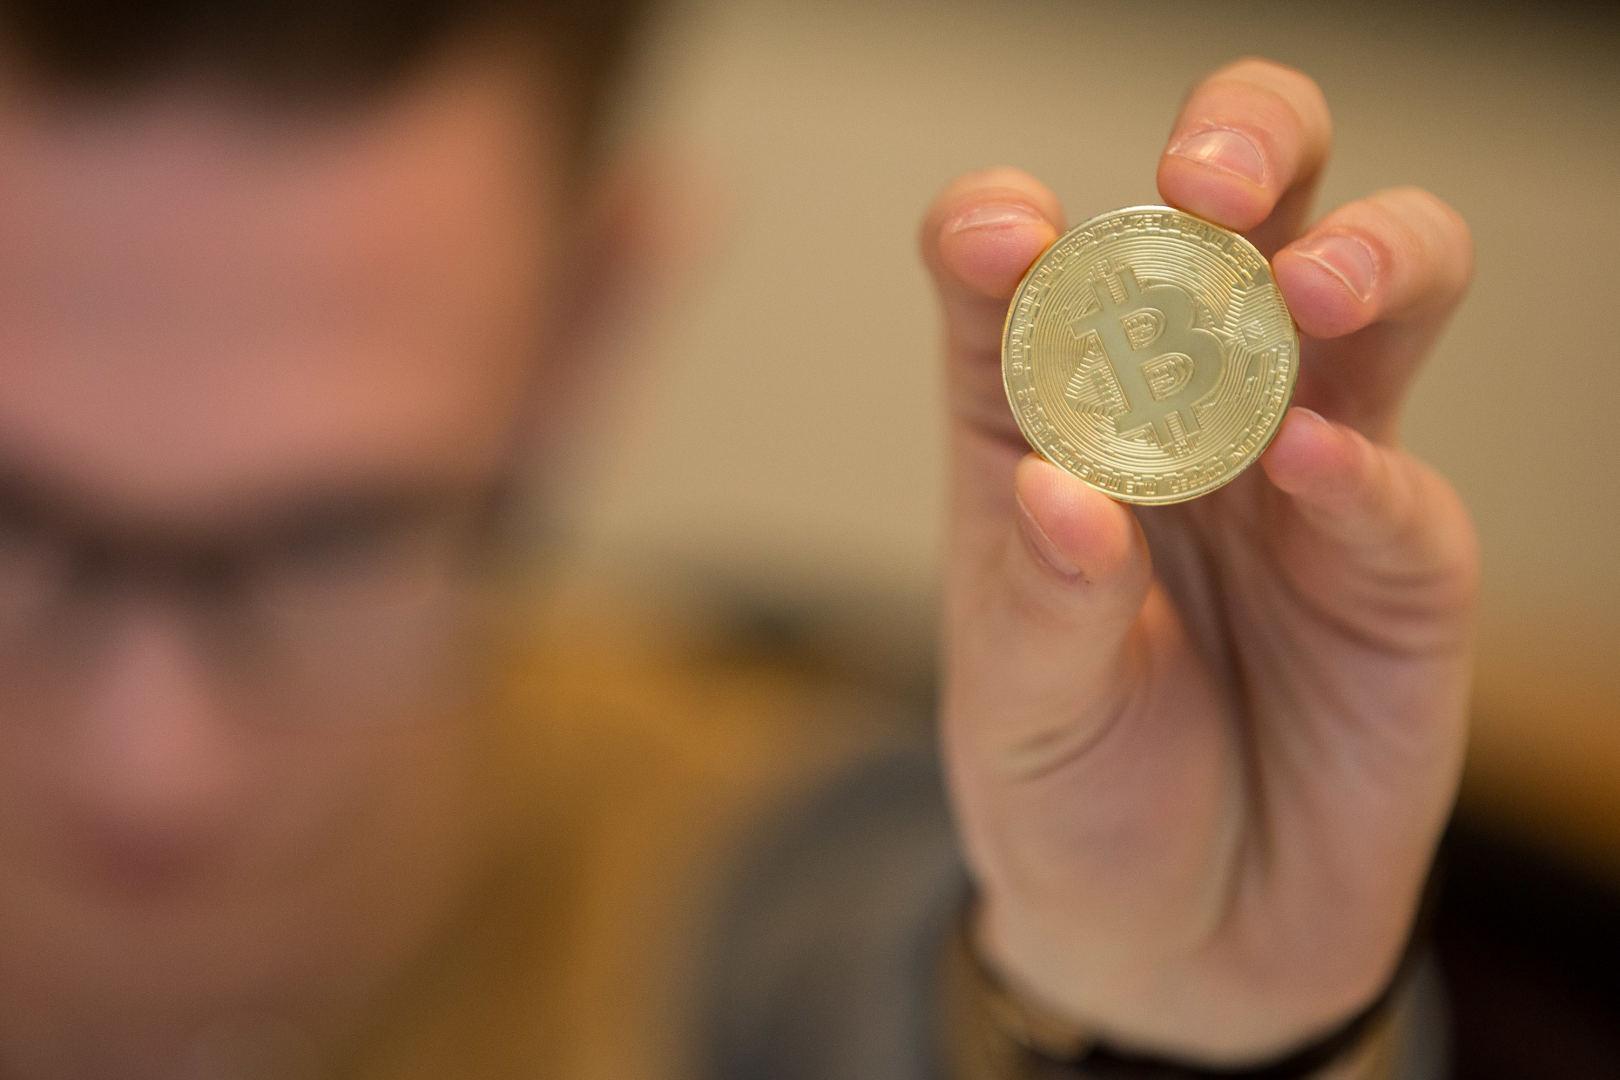 naujas investicinis bitkoinas)